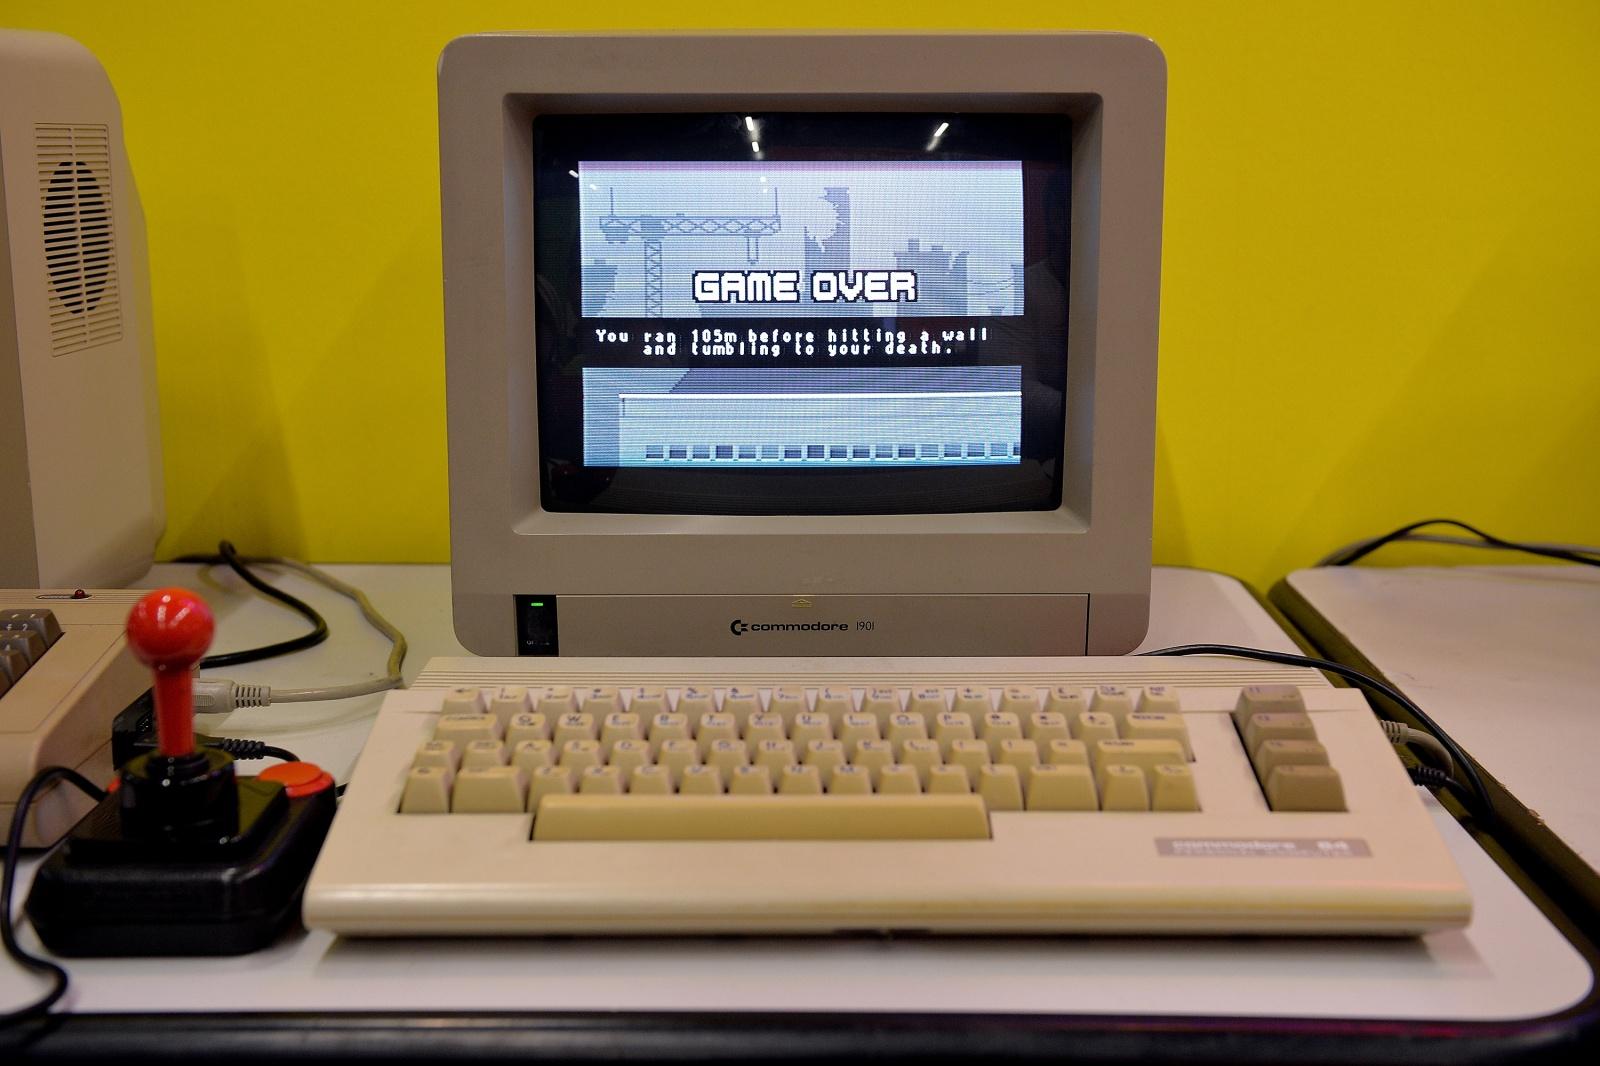 Полная история IBM PC, часть вторая: империя DOS наносит удар - 18